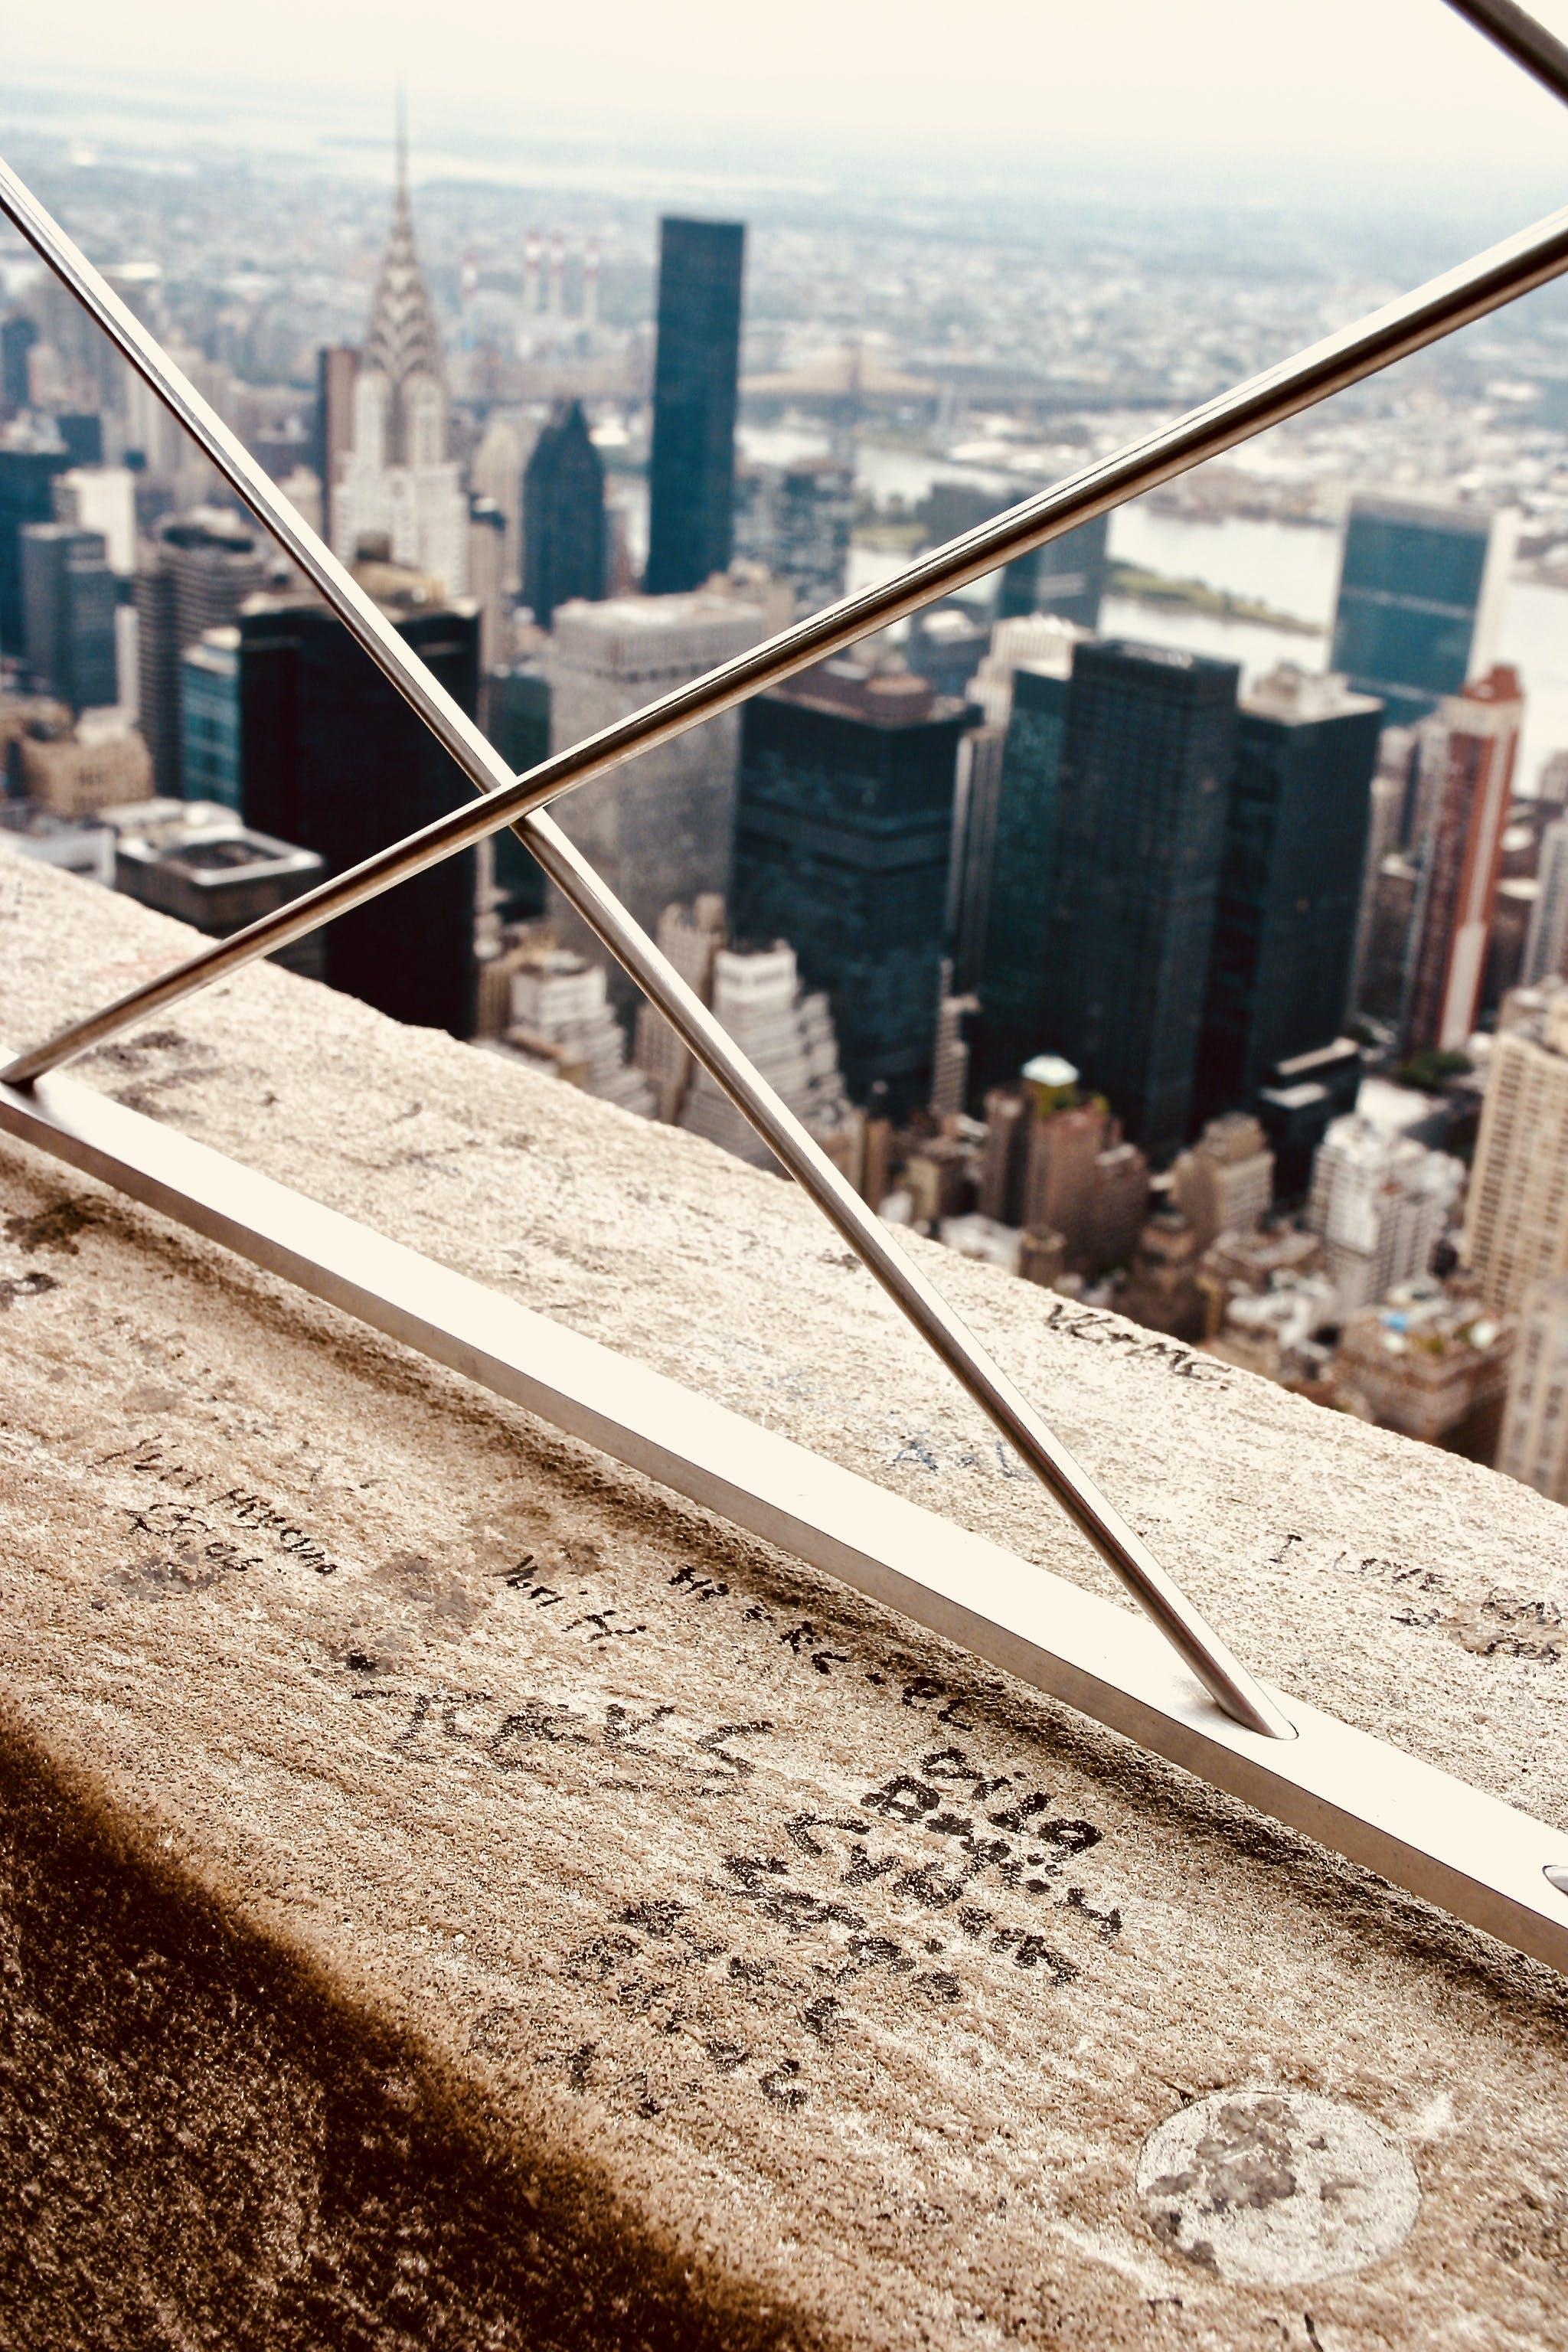 Δωρεάν στοκ φωτογραφιών με Empire State Building, κάτοψη, Νέα Υόρκη, ουρανοξύστες